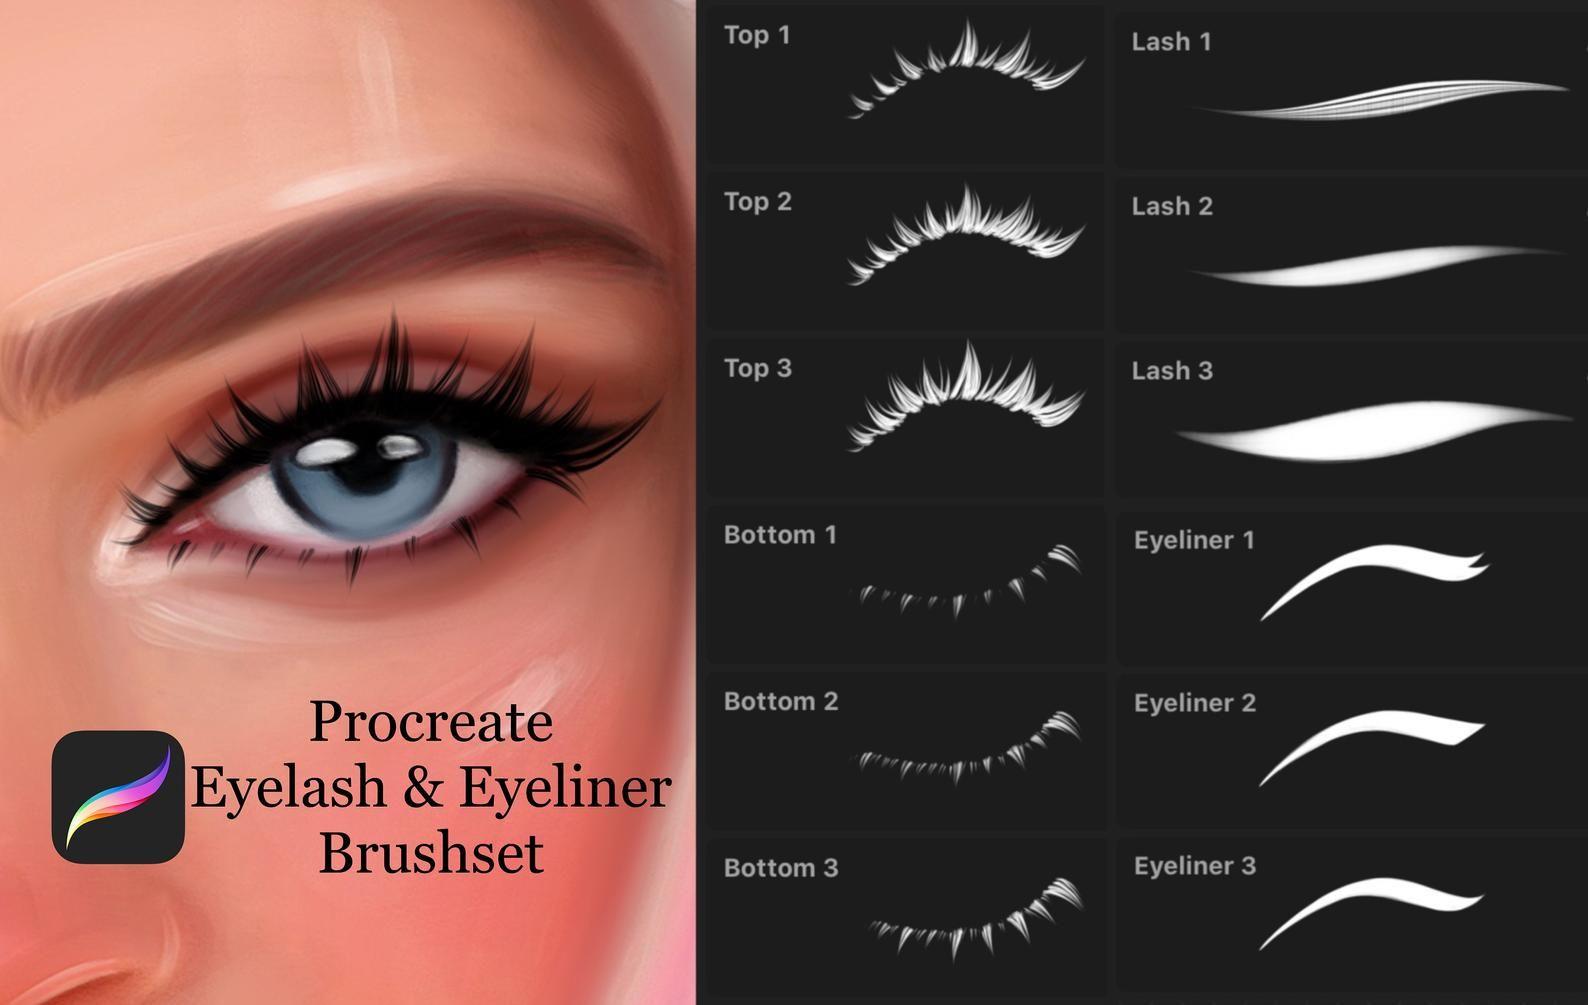 Procreate Eyelash & Eyeliner Stamp Brushes Etsy in 2020